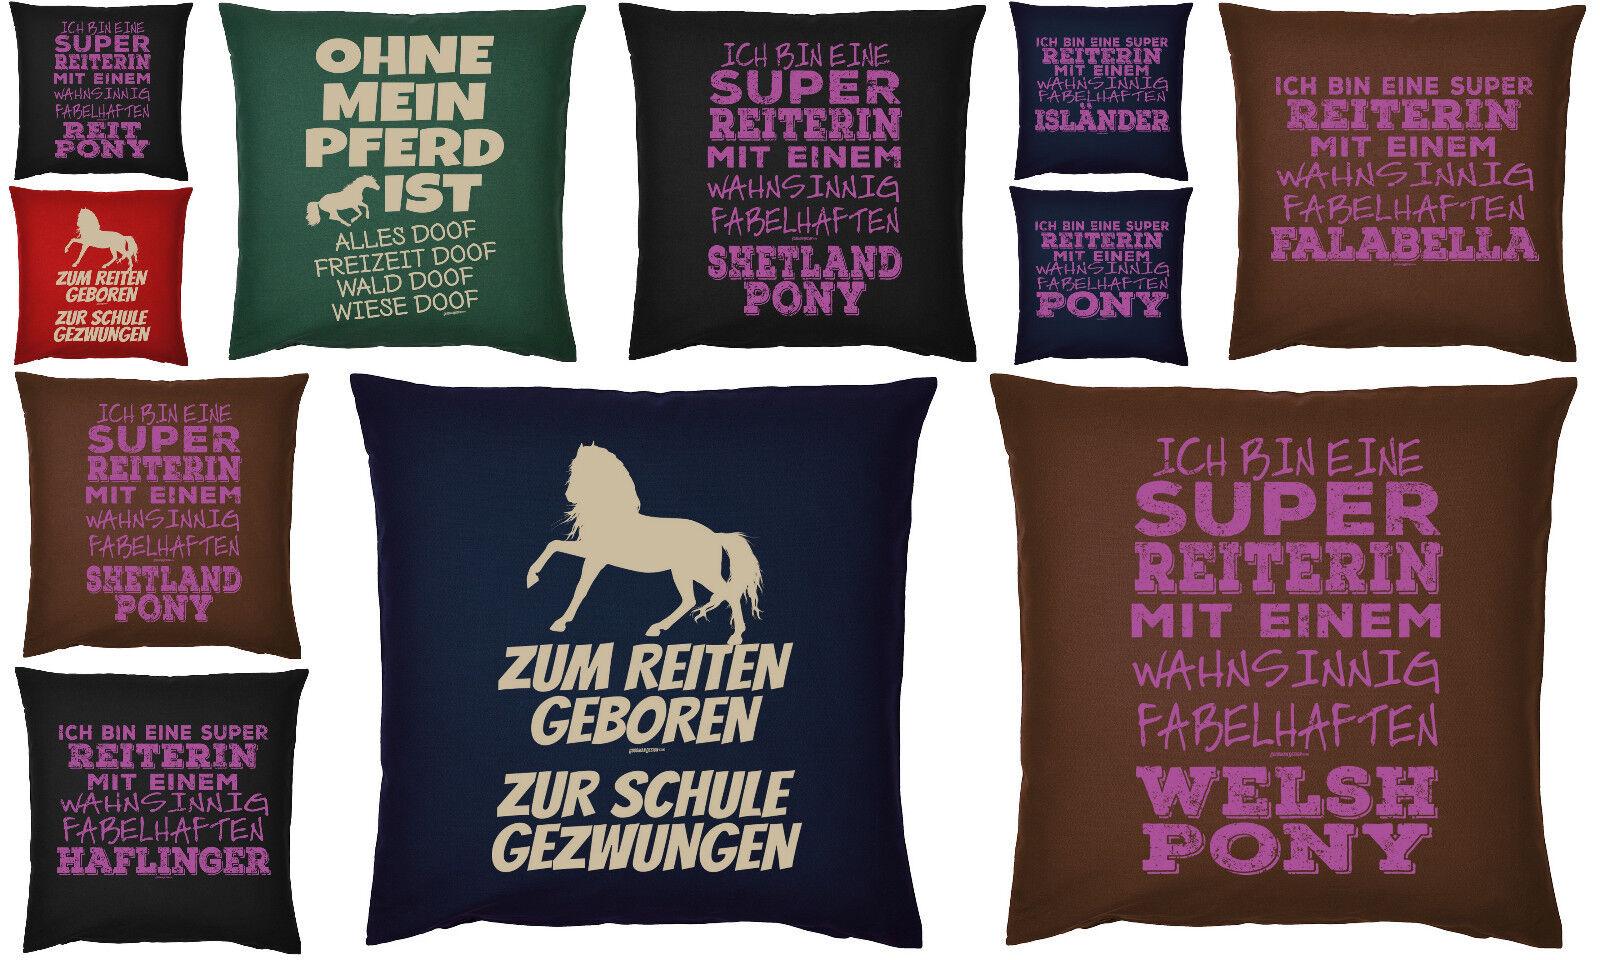 Los caballos almohada proverbios-pony-Shetty-Haflinger - - - islandeses-falabella-fjord  barato en línea